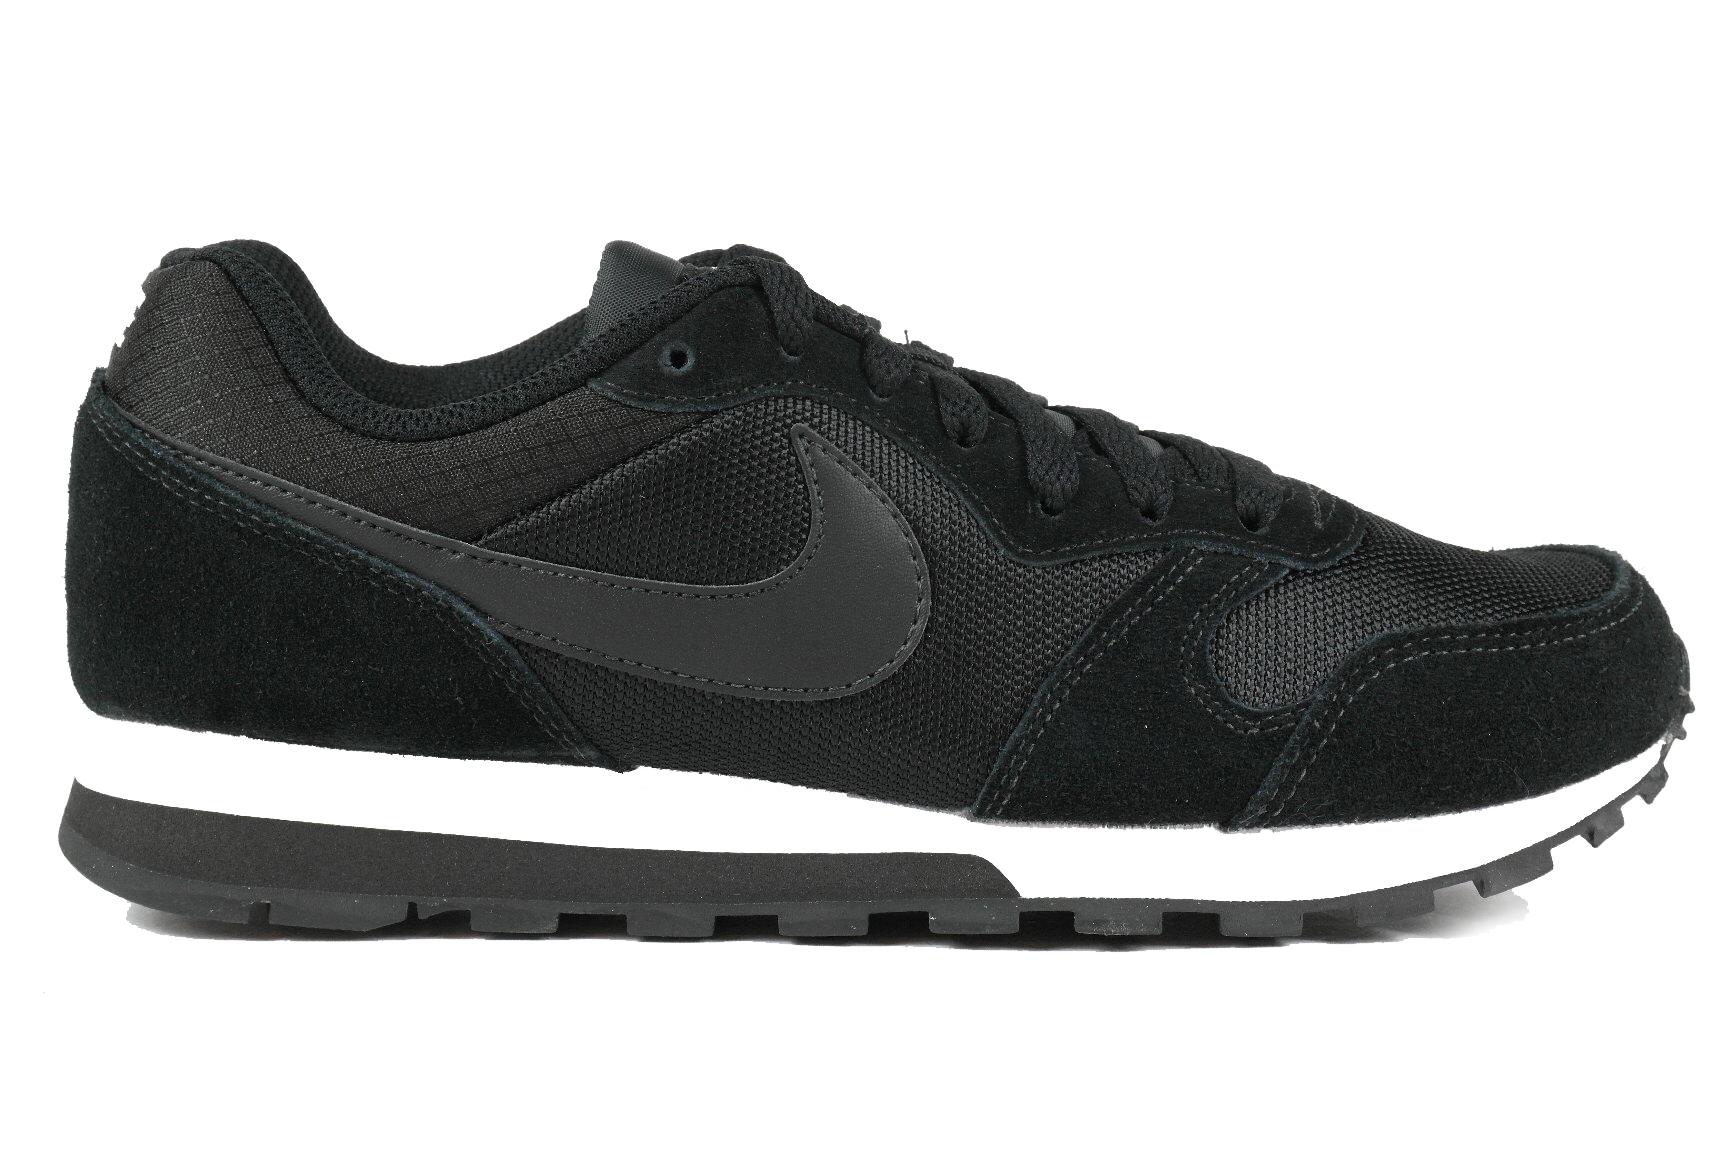 e5226c4b7a2 Nike MD Runner online kopen op Herqua.nl